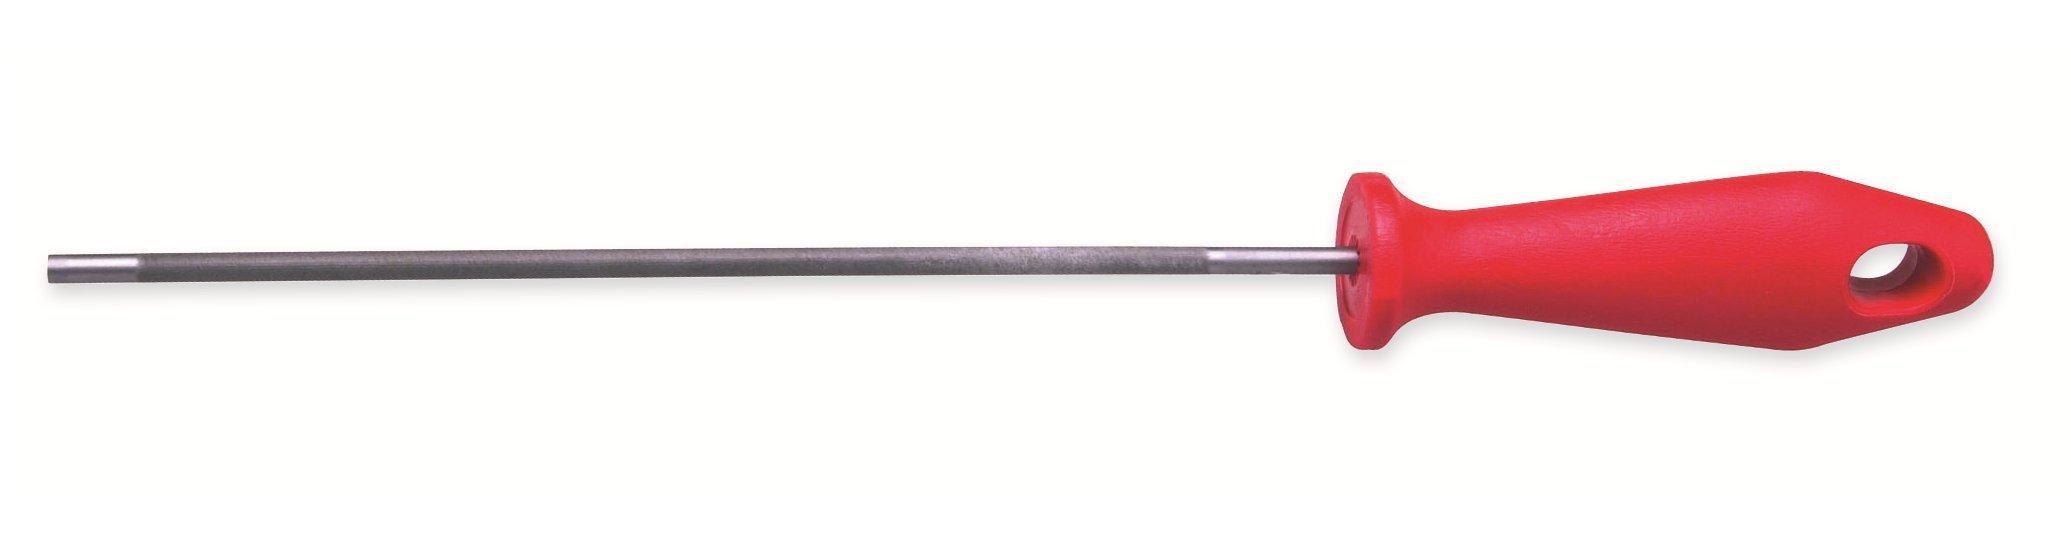 Nicholson 10627N Hoof Sharpening Steel